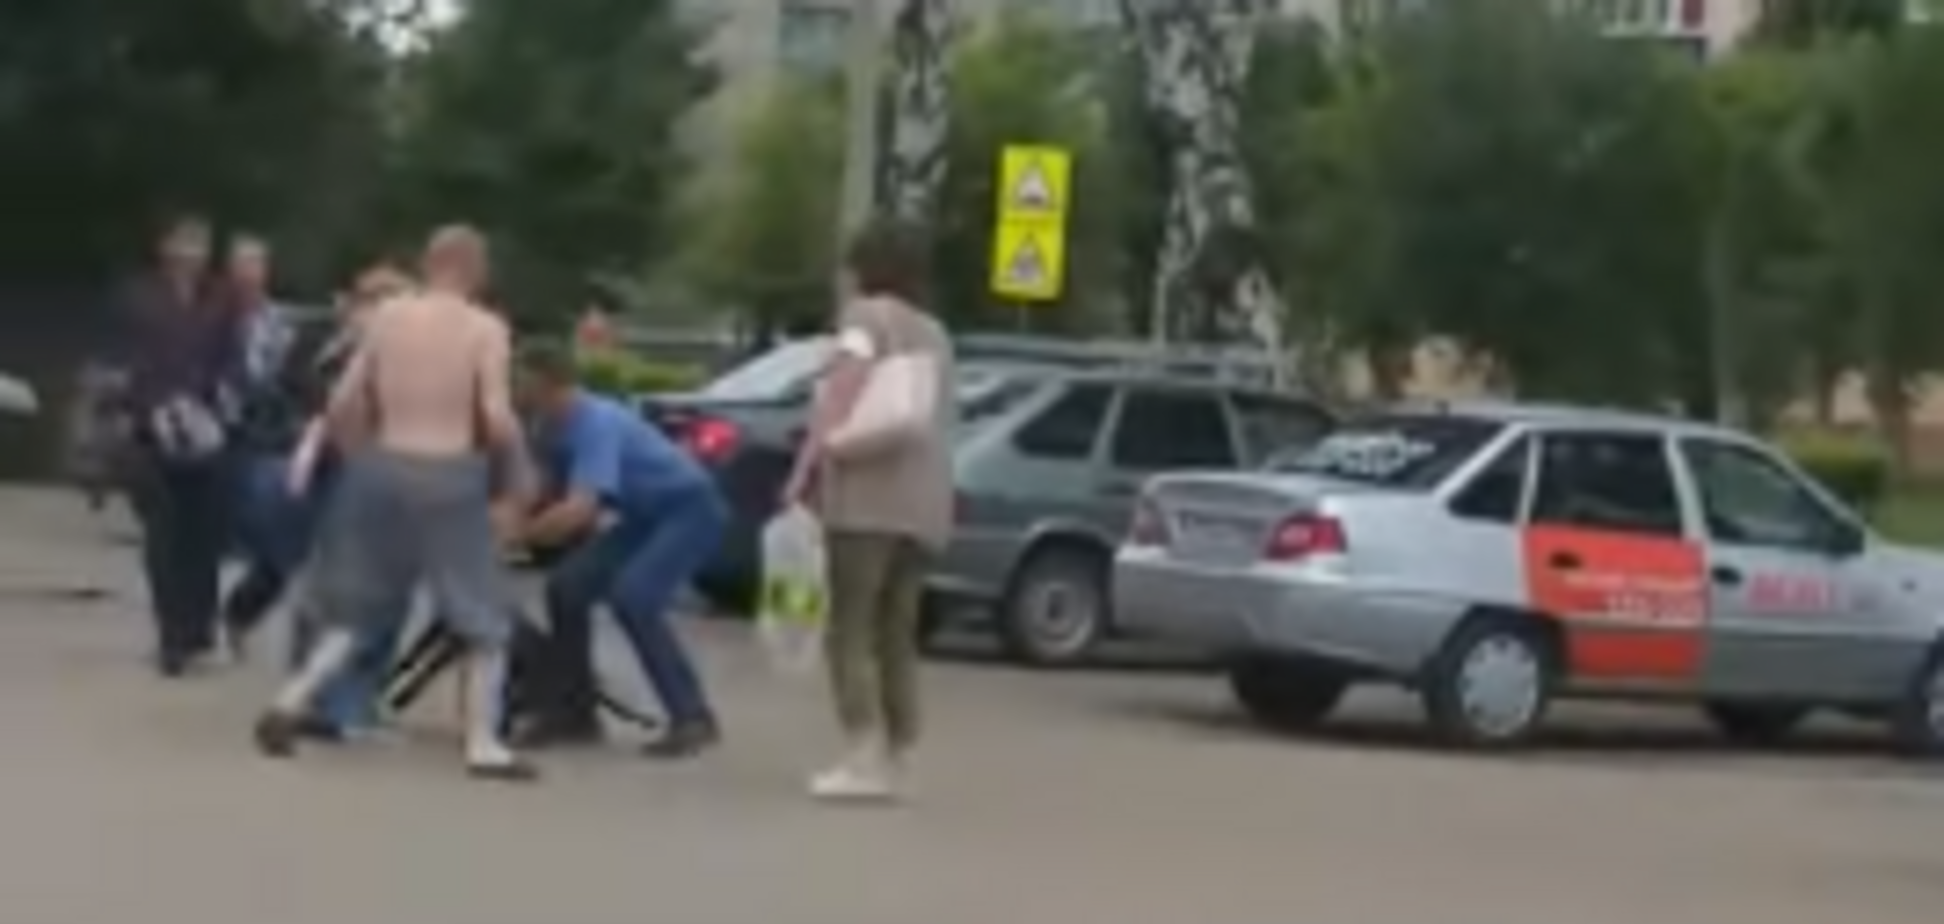 Порвав 3-річну дівчинку: в Росії бійцівського пса вшістьох відтягували від дитини. Відео 18+